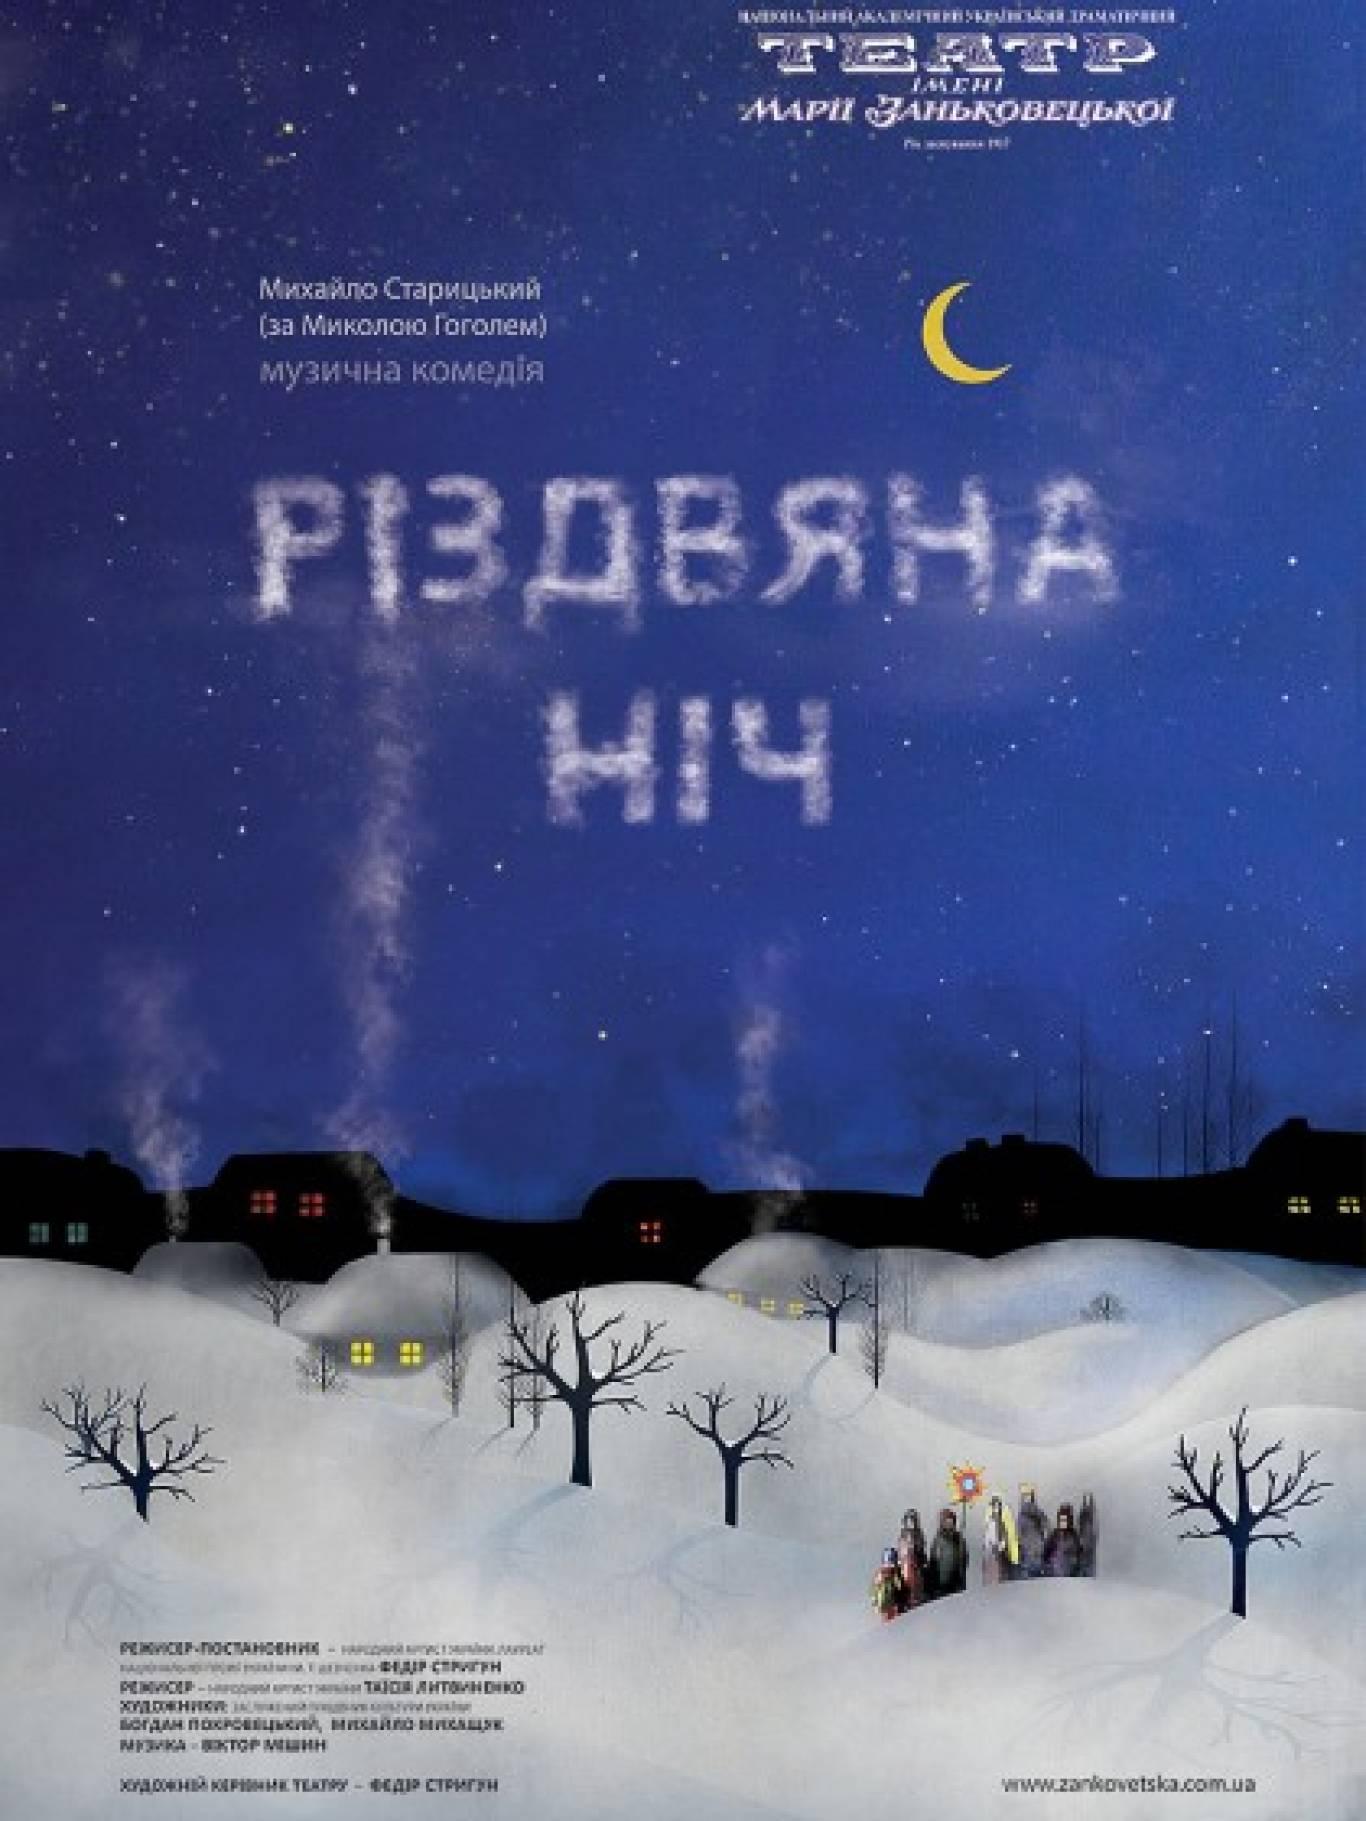 Різдвяна ніч - Музична комедія